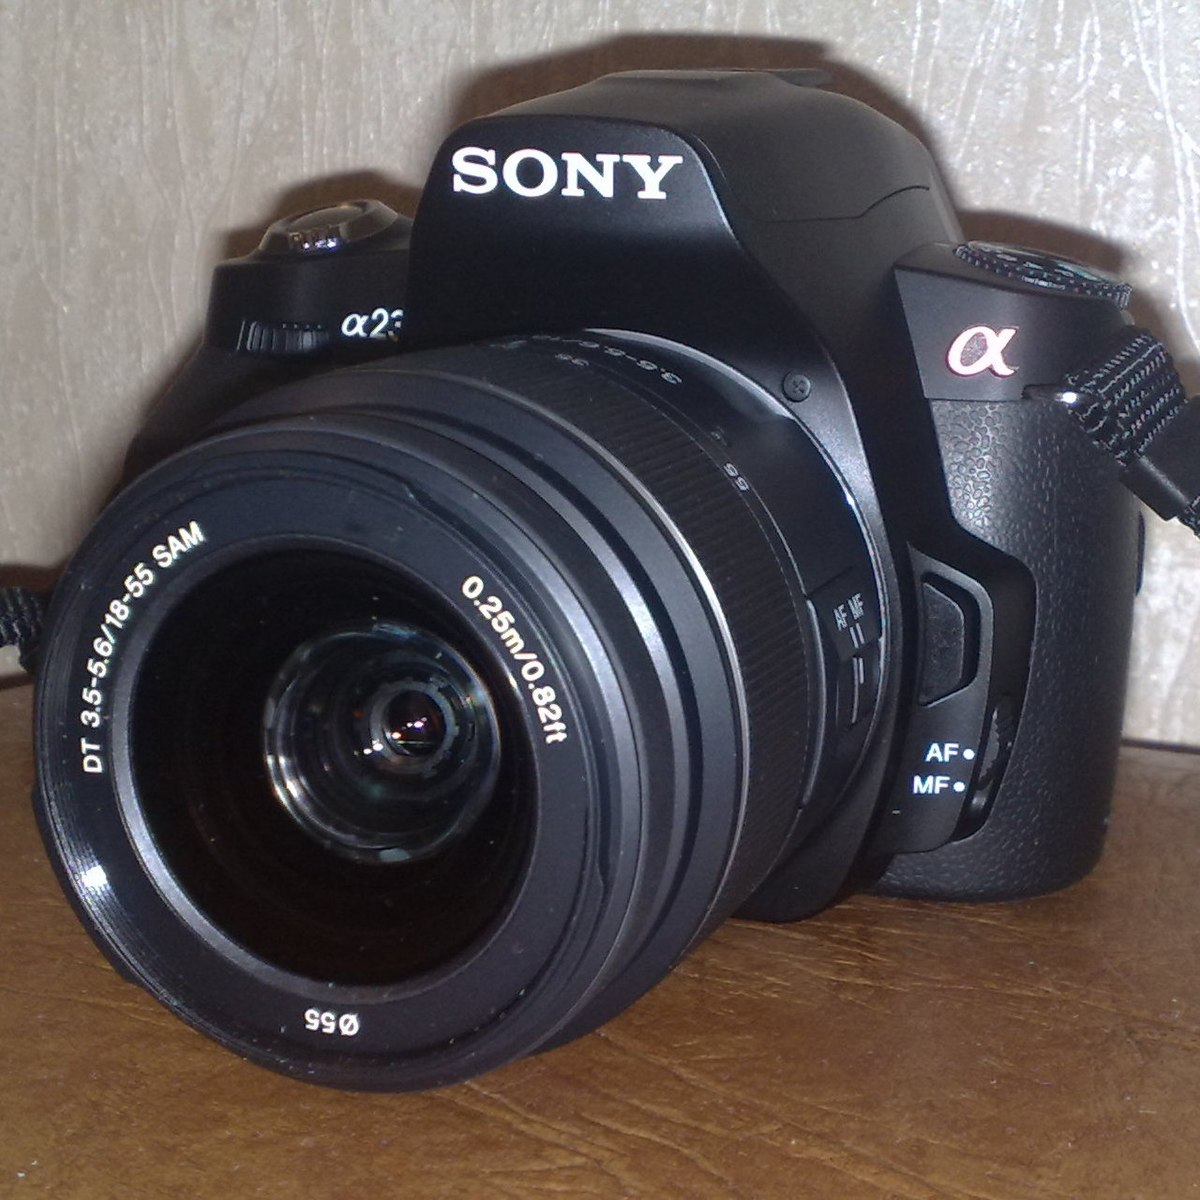 Sony Alpha 230 Wikipedia